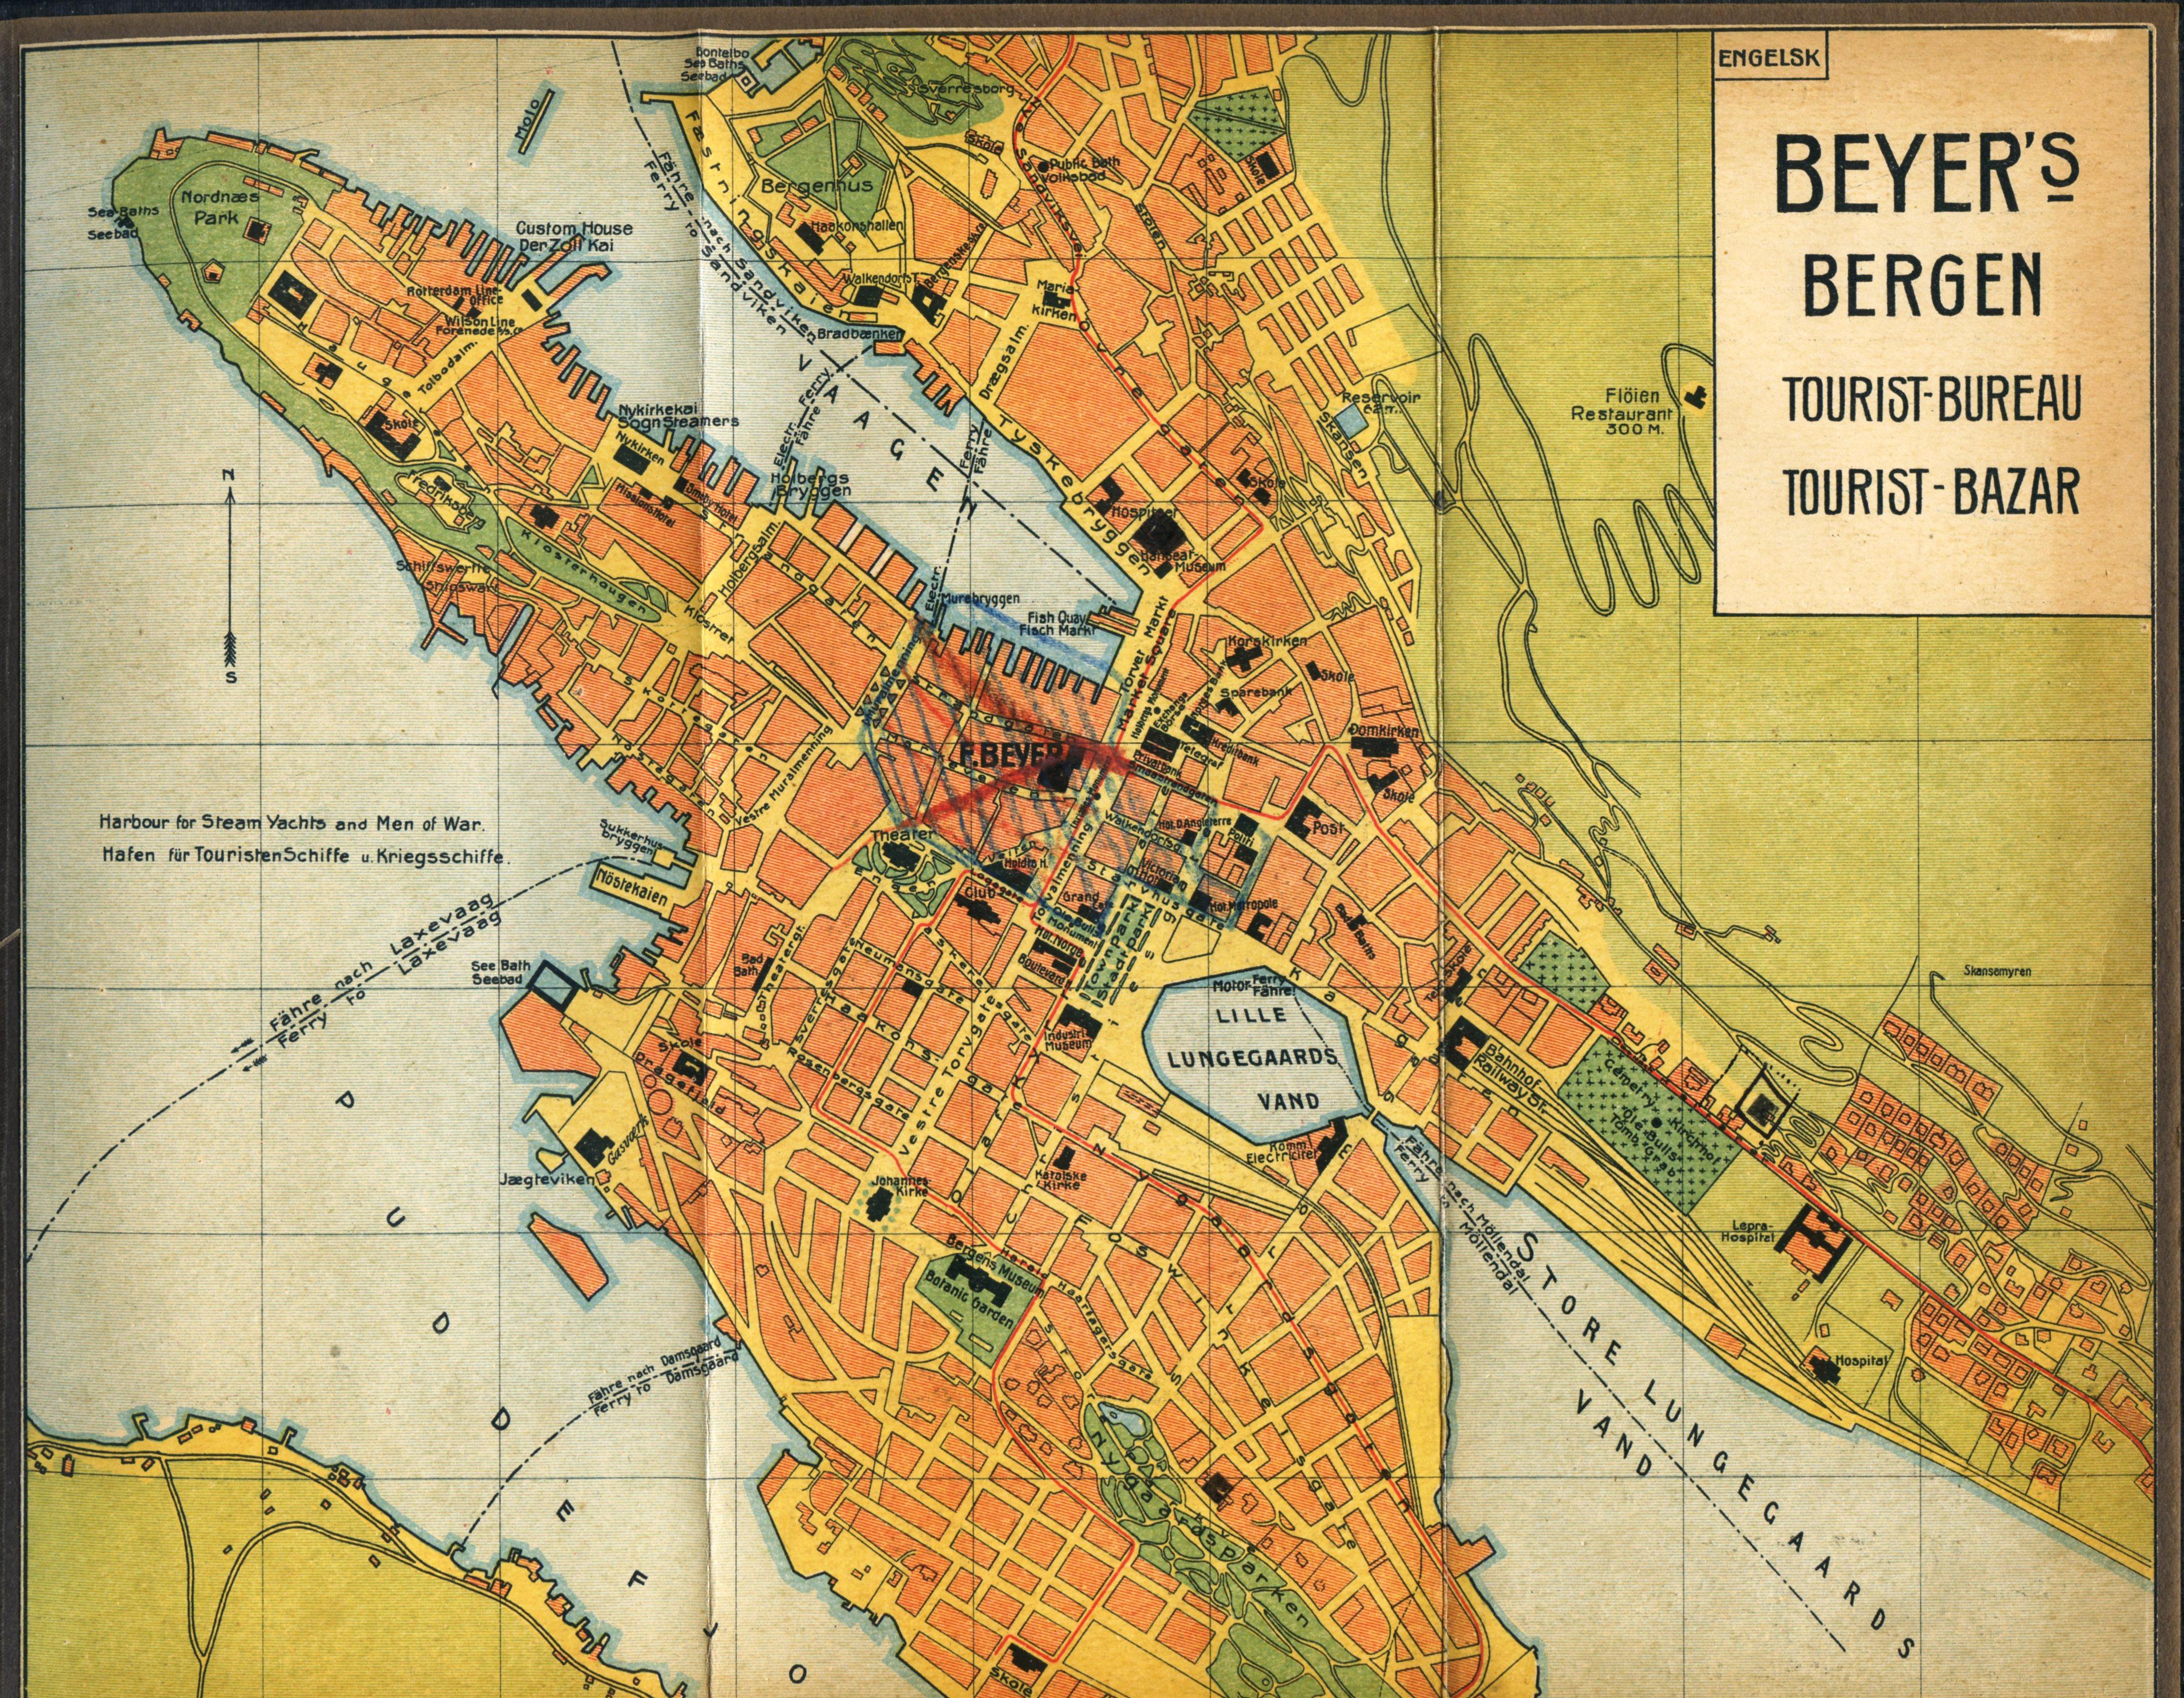 Fantastisk Kart over Bergen TF-46